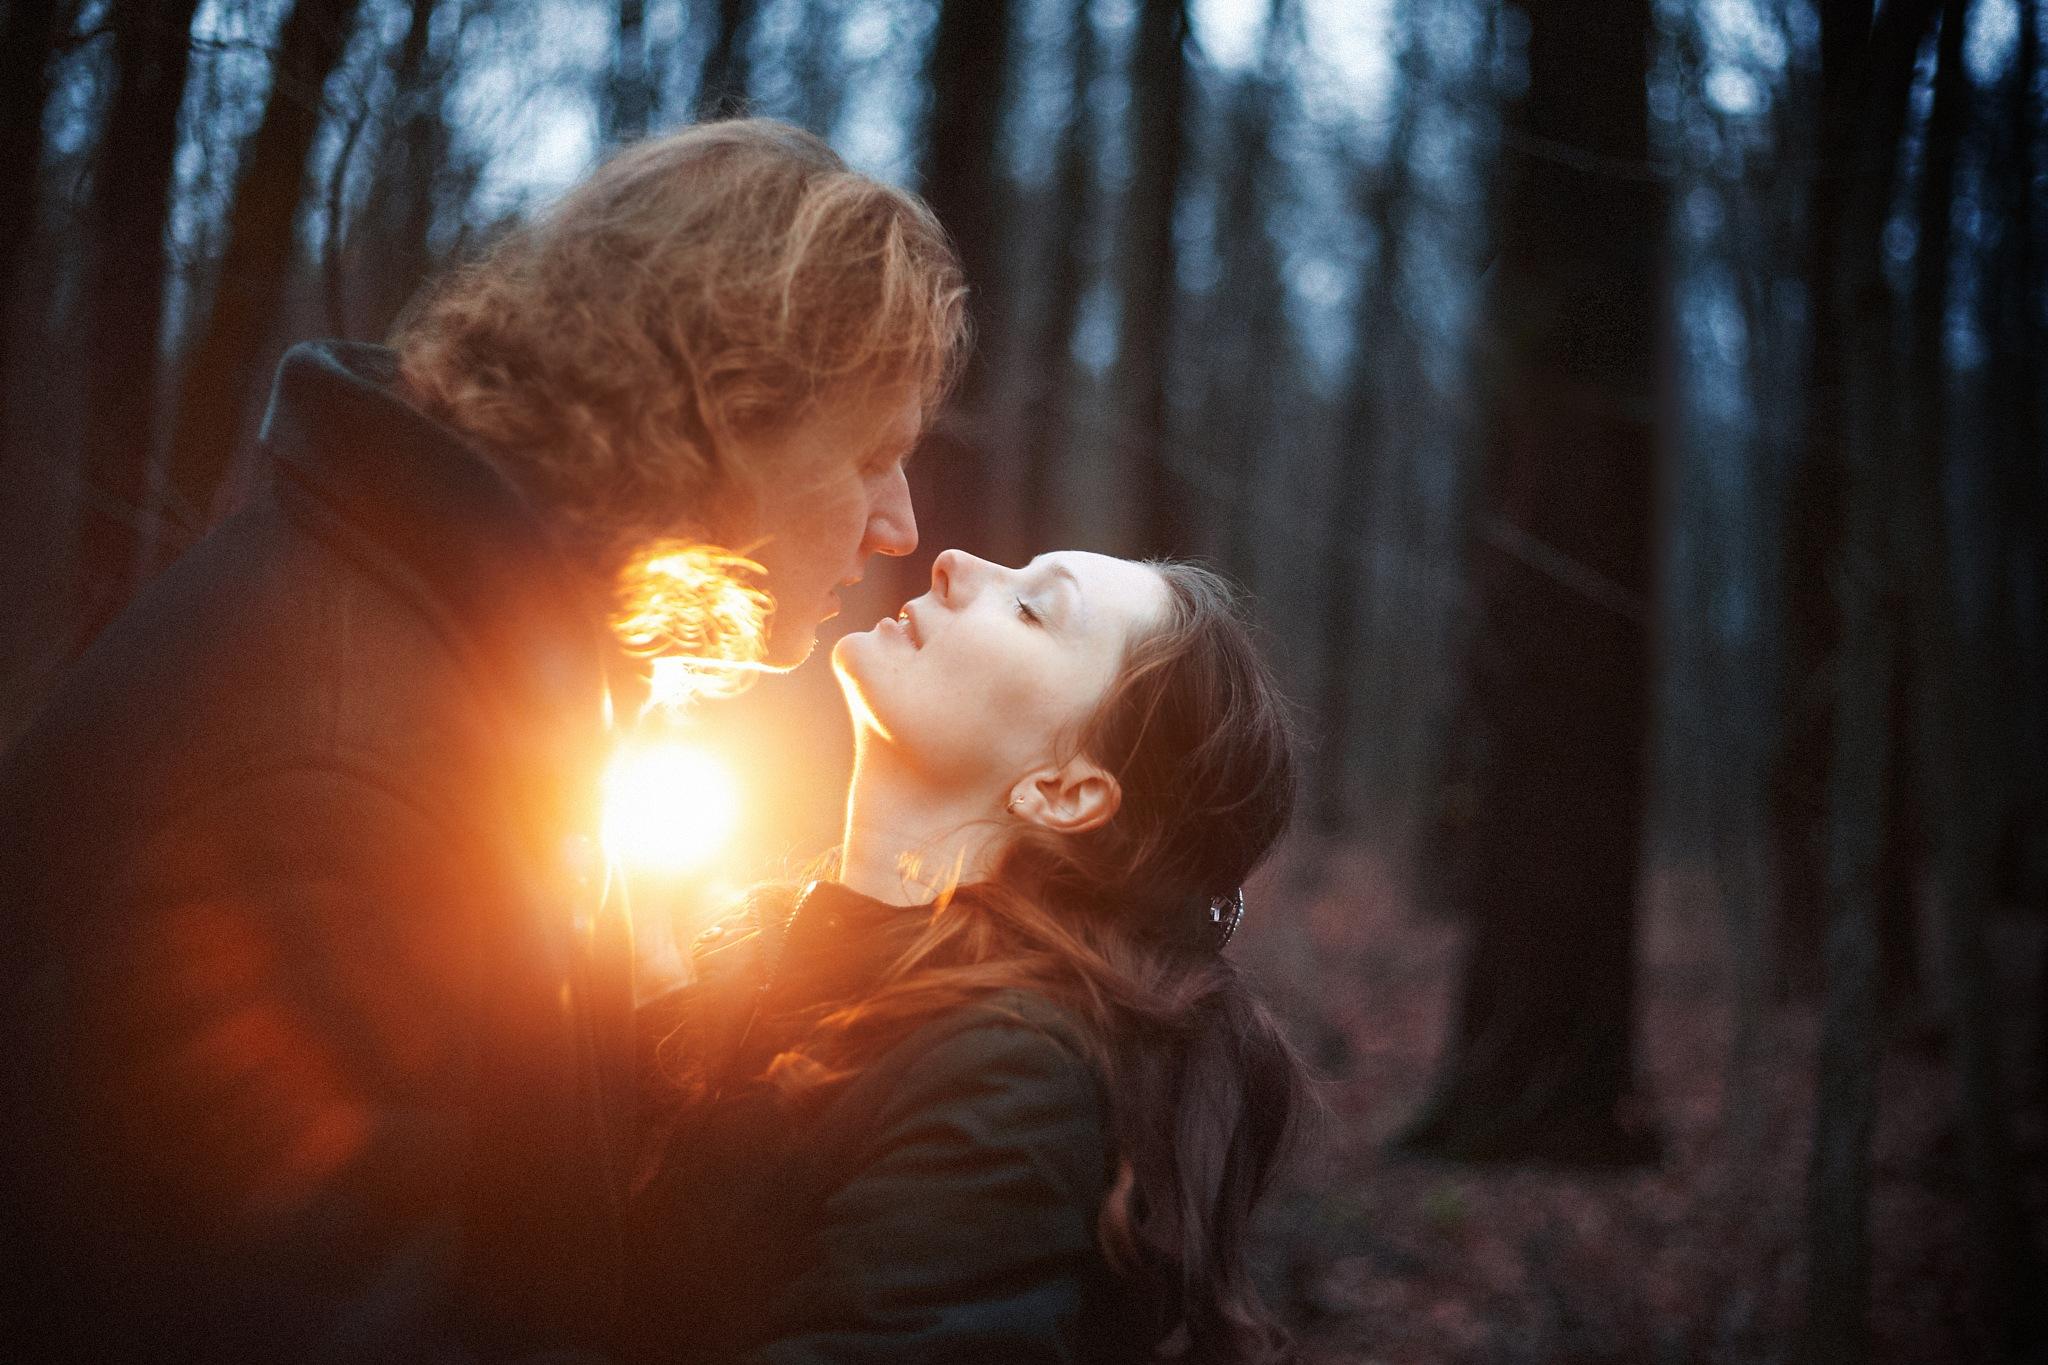 Autumn love by Strekozza